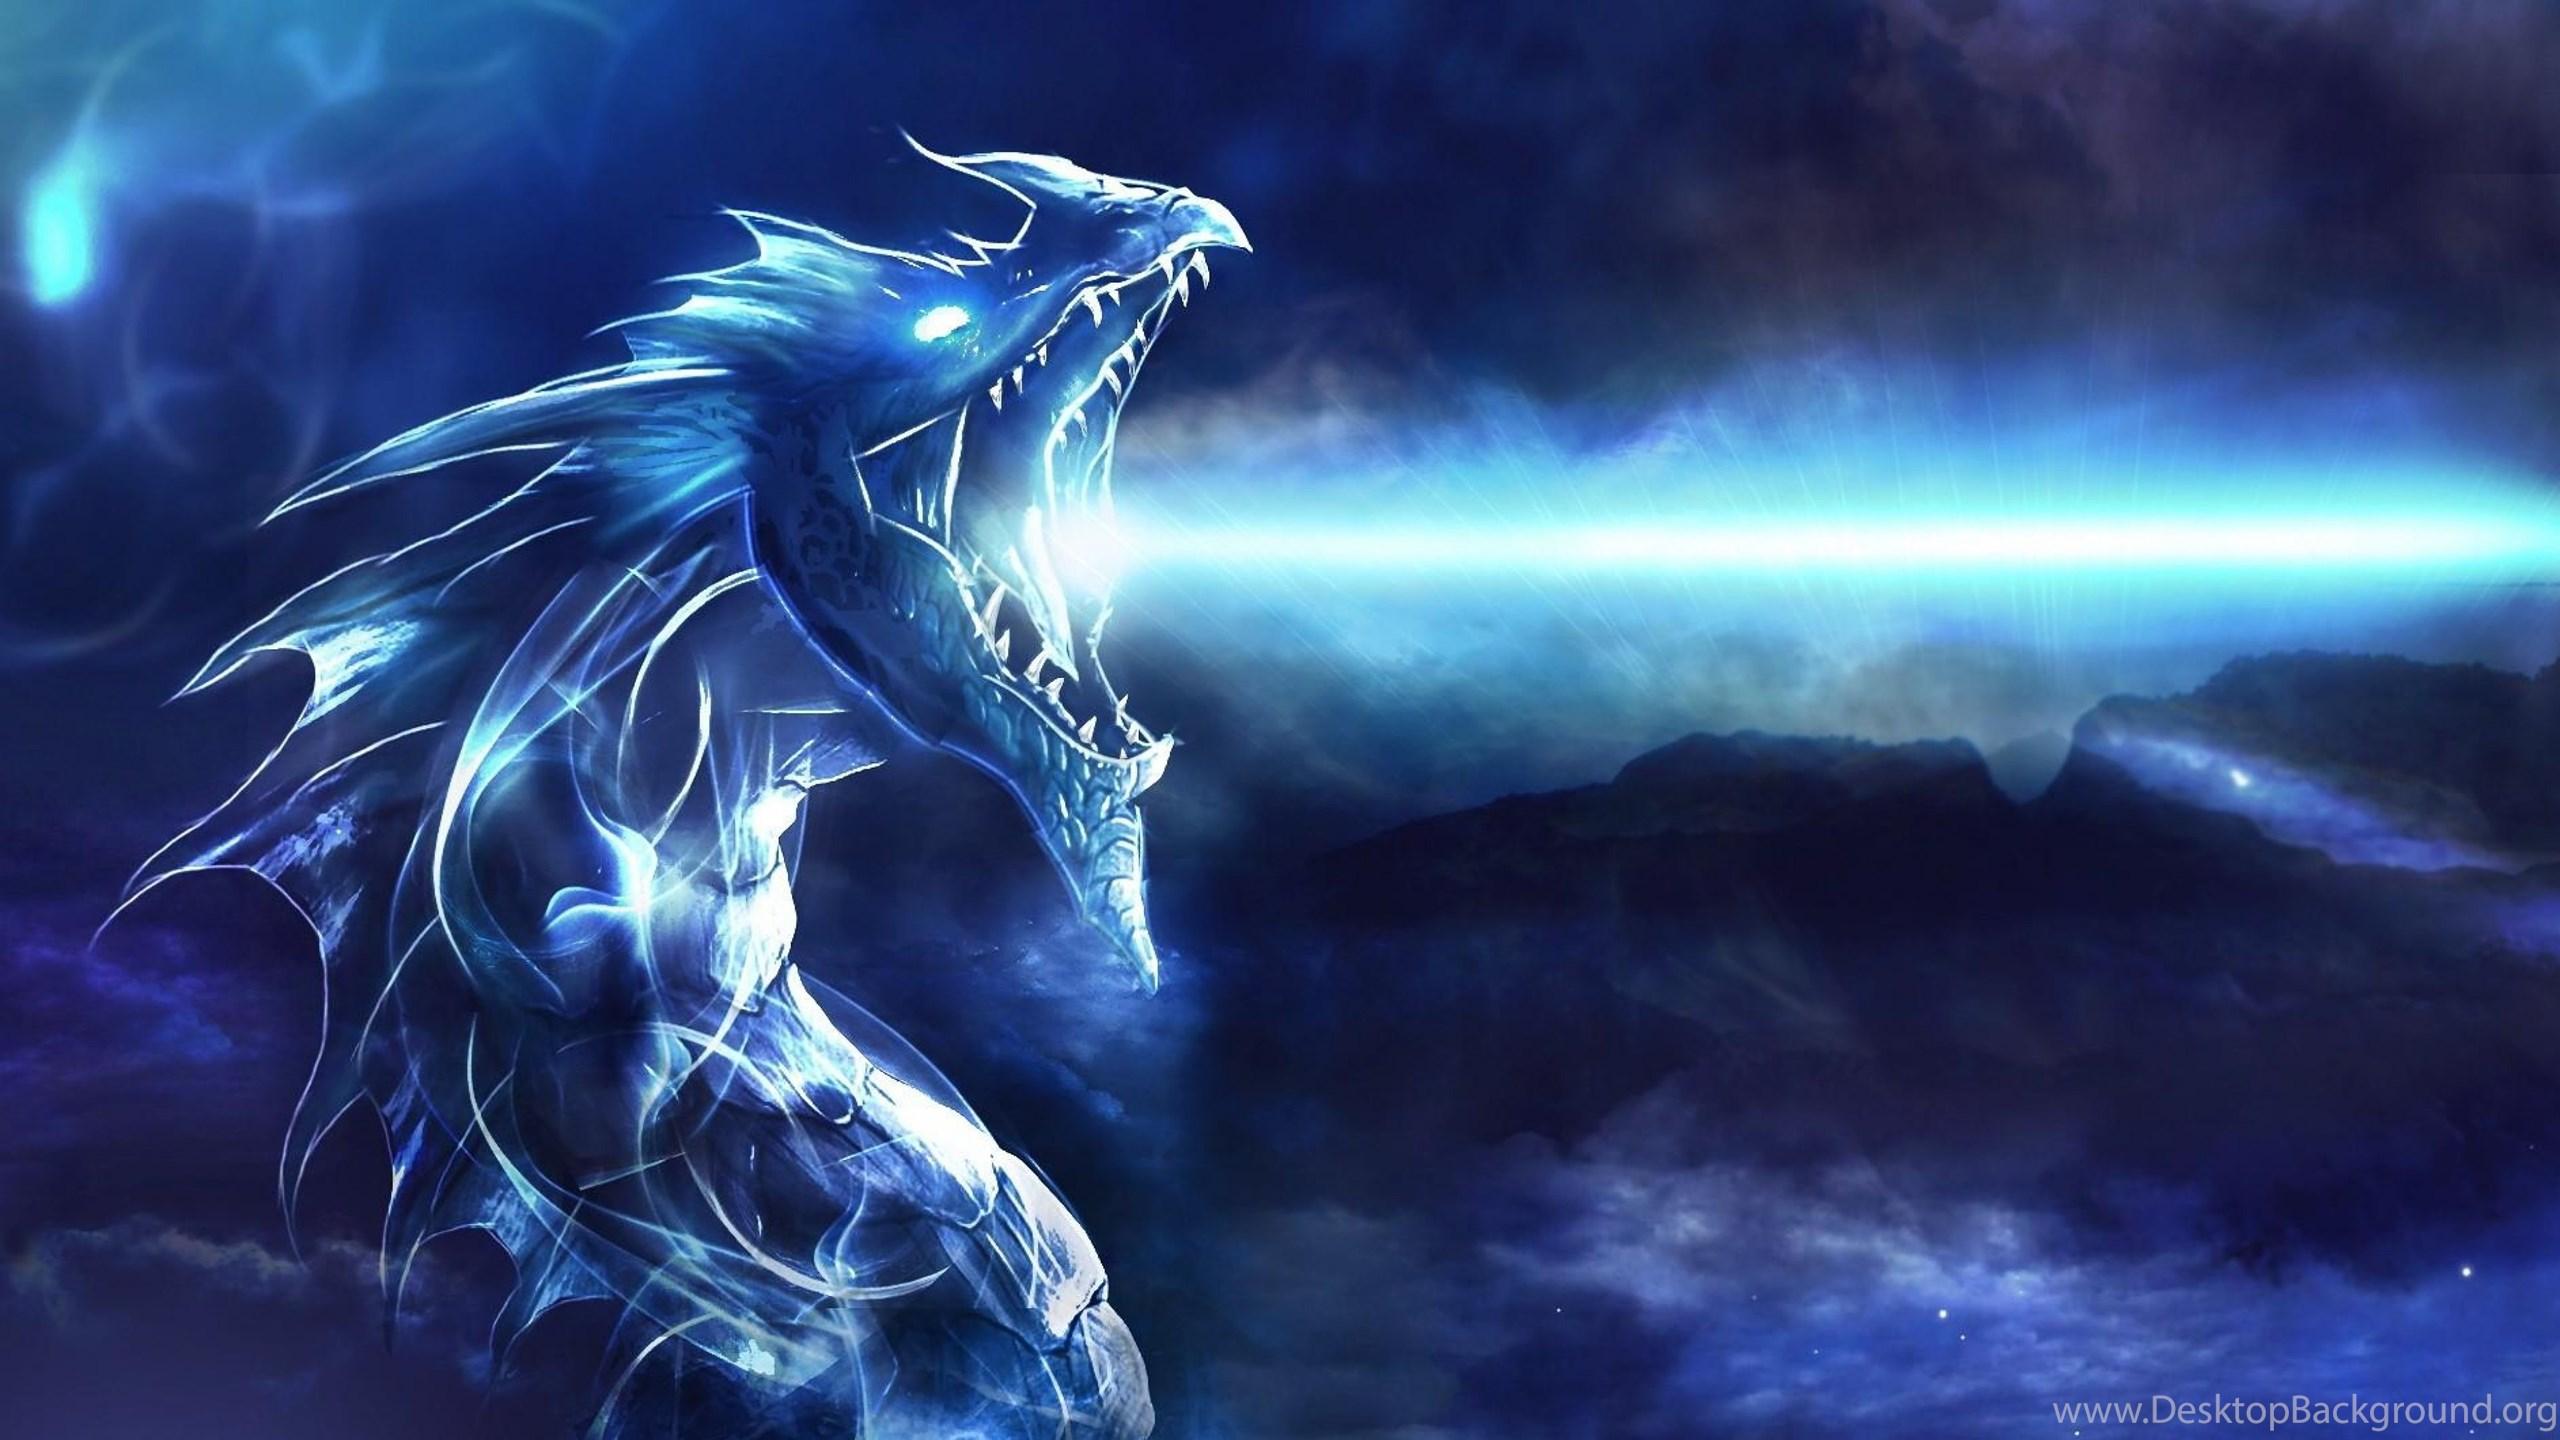 4K Ultra HD Dragon Wallpapers HD, Desktop Backgrounds ...